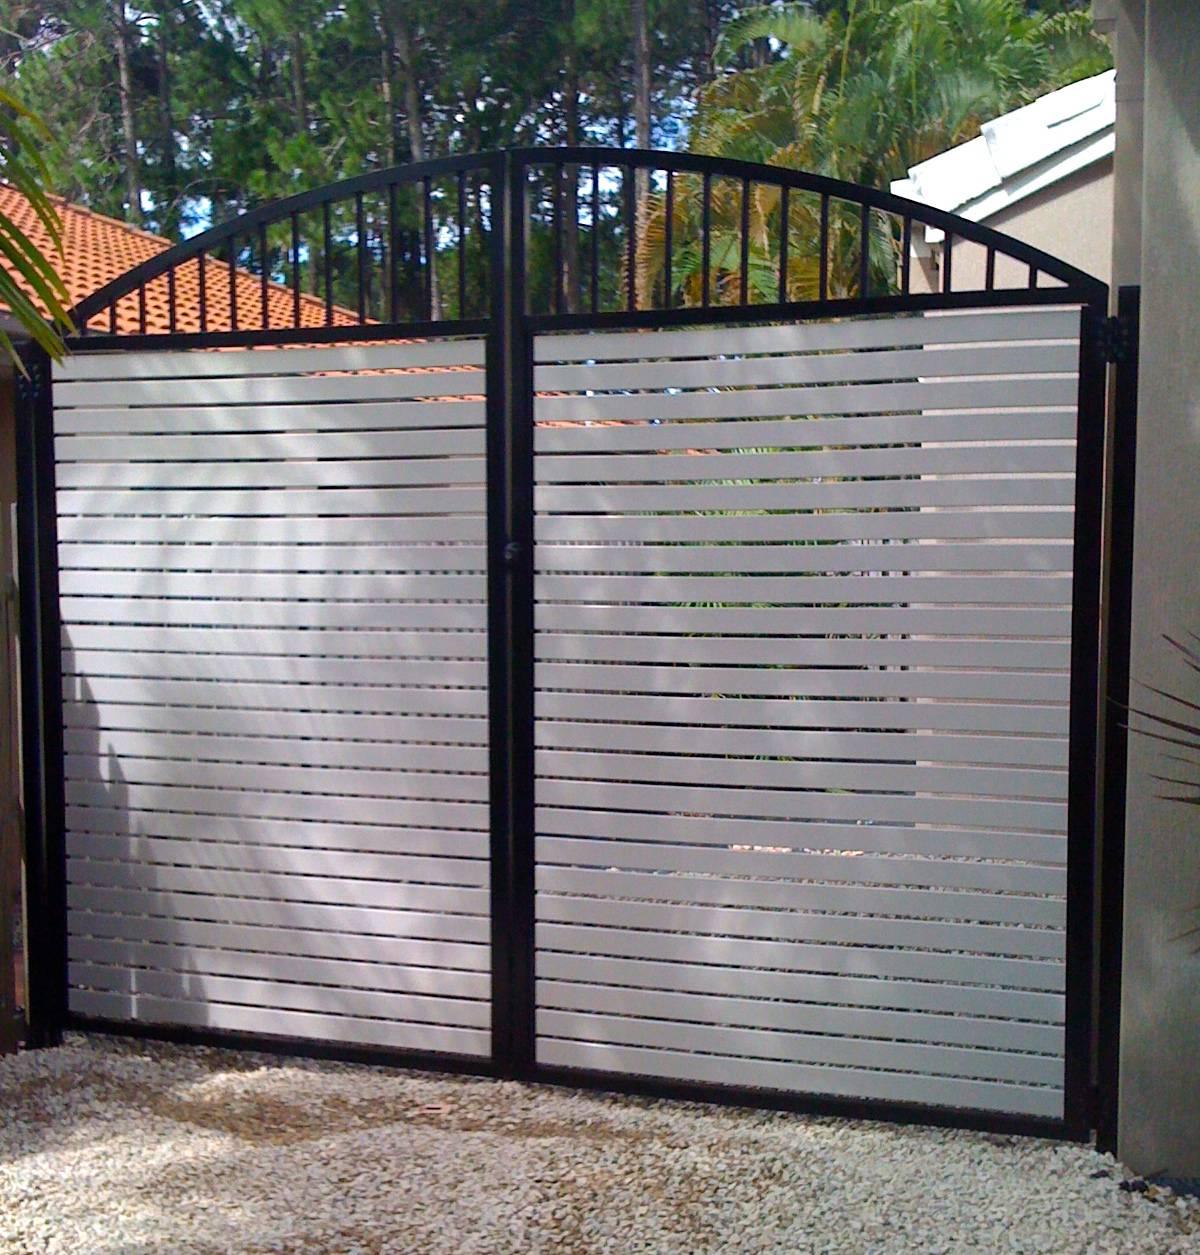 Horizontal slatted double gates